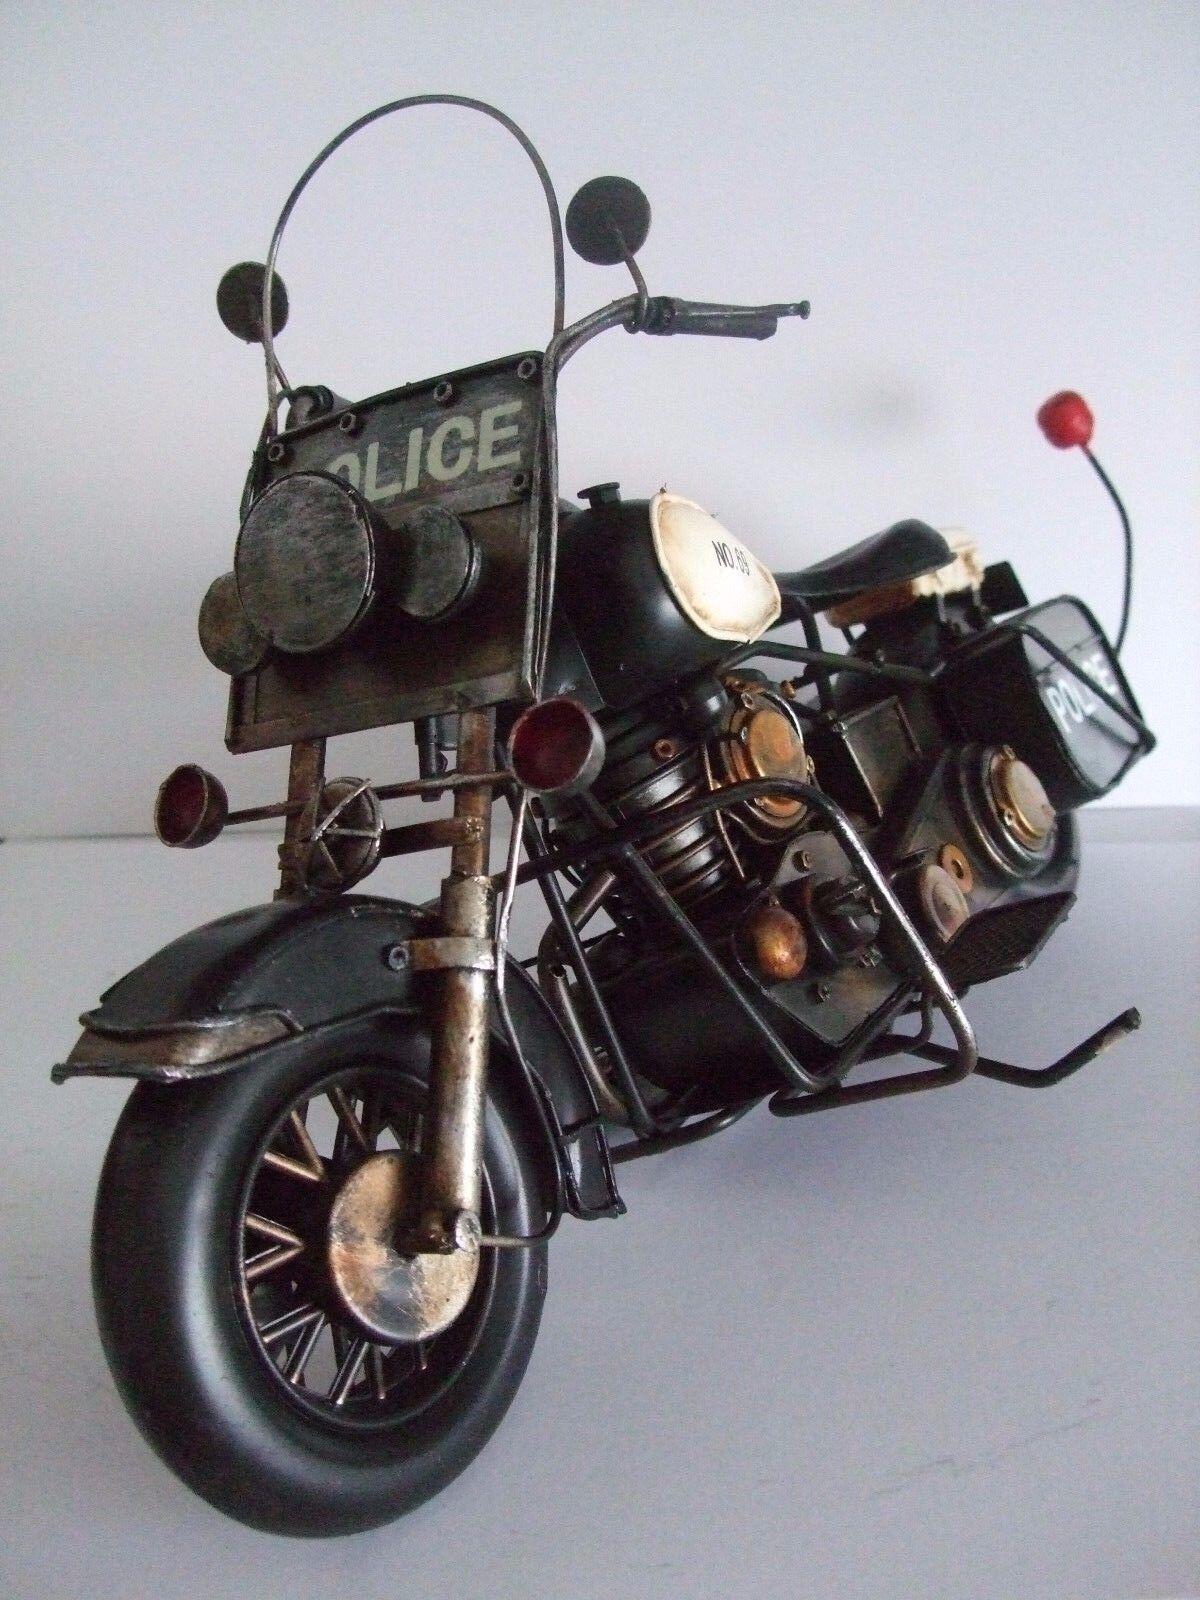 La Polizia Motocicletta Latta Modello dipinti a mano Nero ornamento regalo N. 2